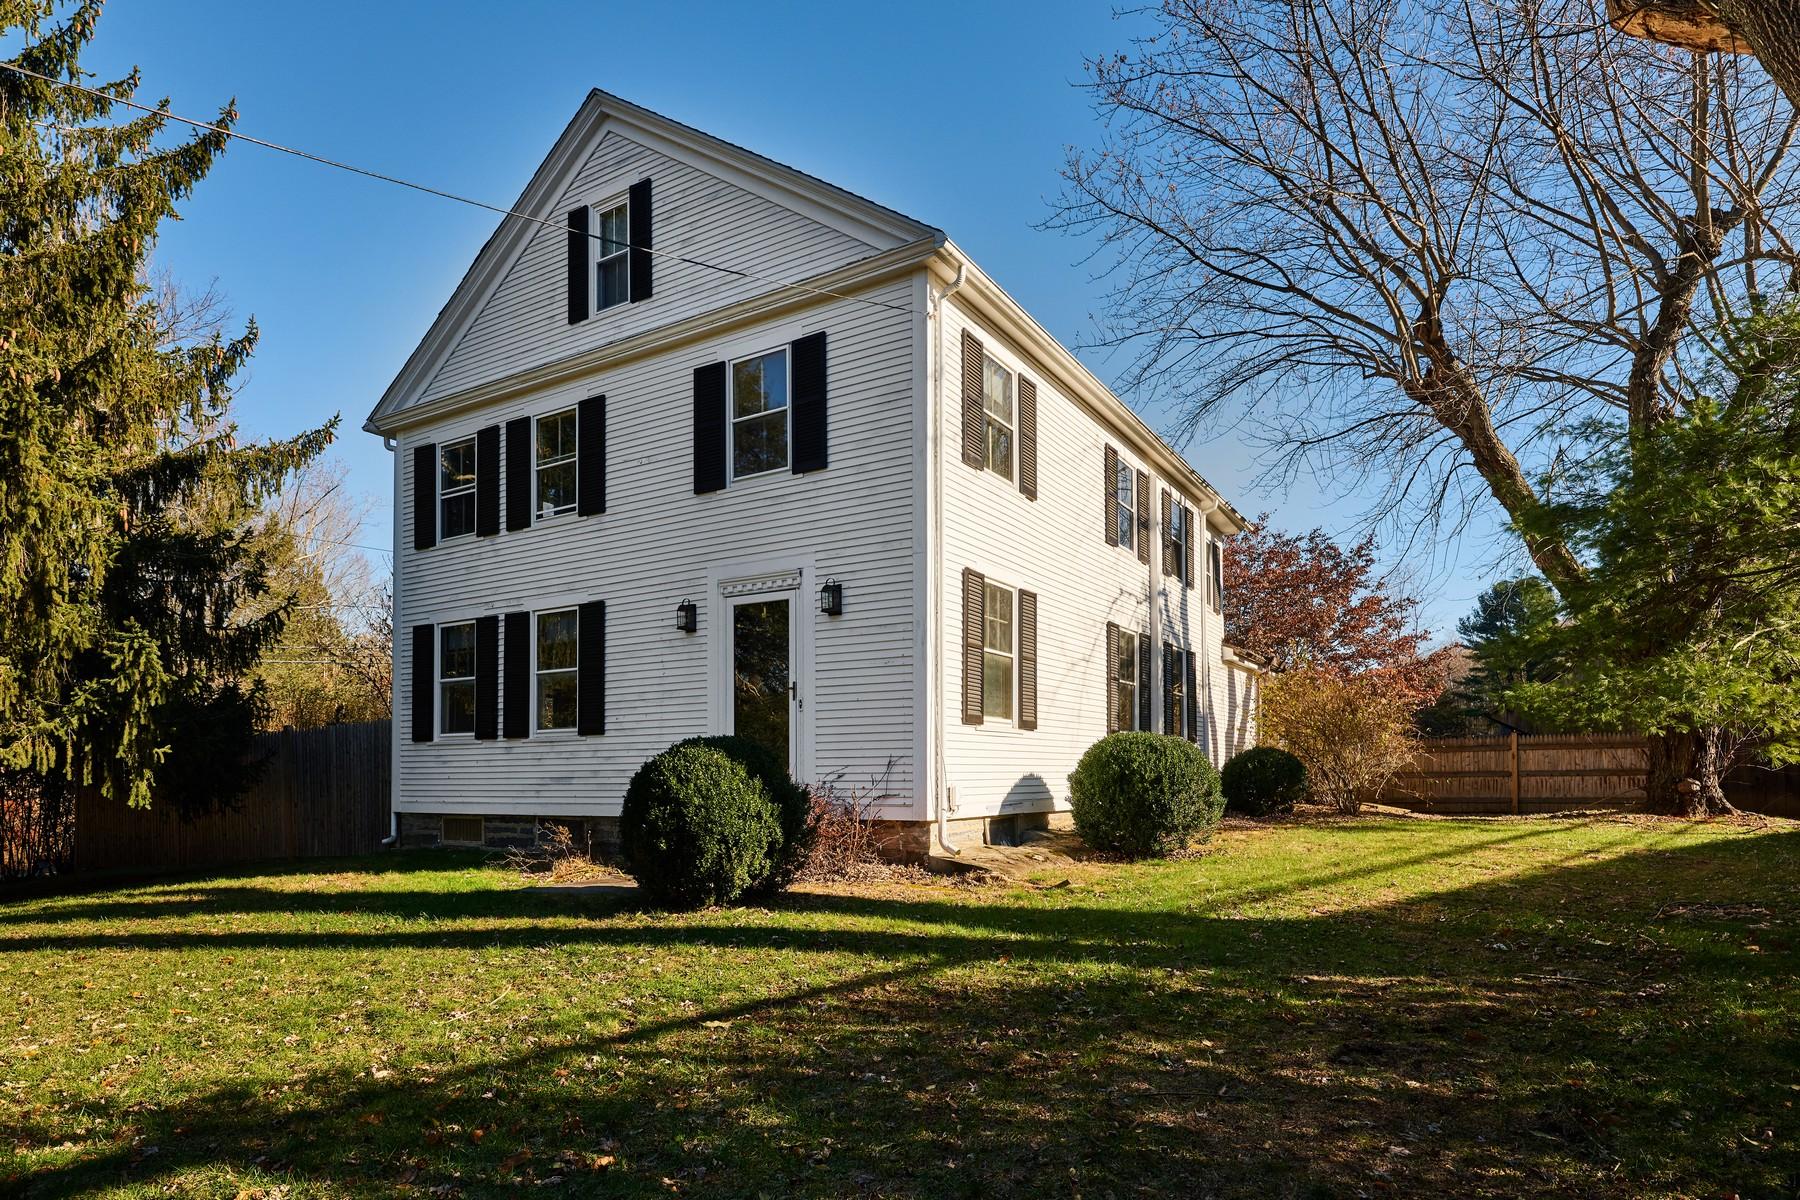 Casa Unifamiliar por un Venta en Charming ca.1780 Hadlyme Village Home 1 Day Hill Road Lyme, Connecticut 06371 Estados Unidos